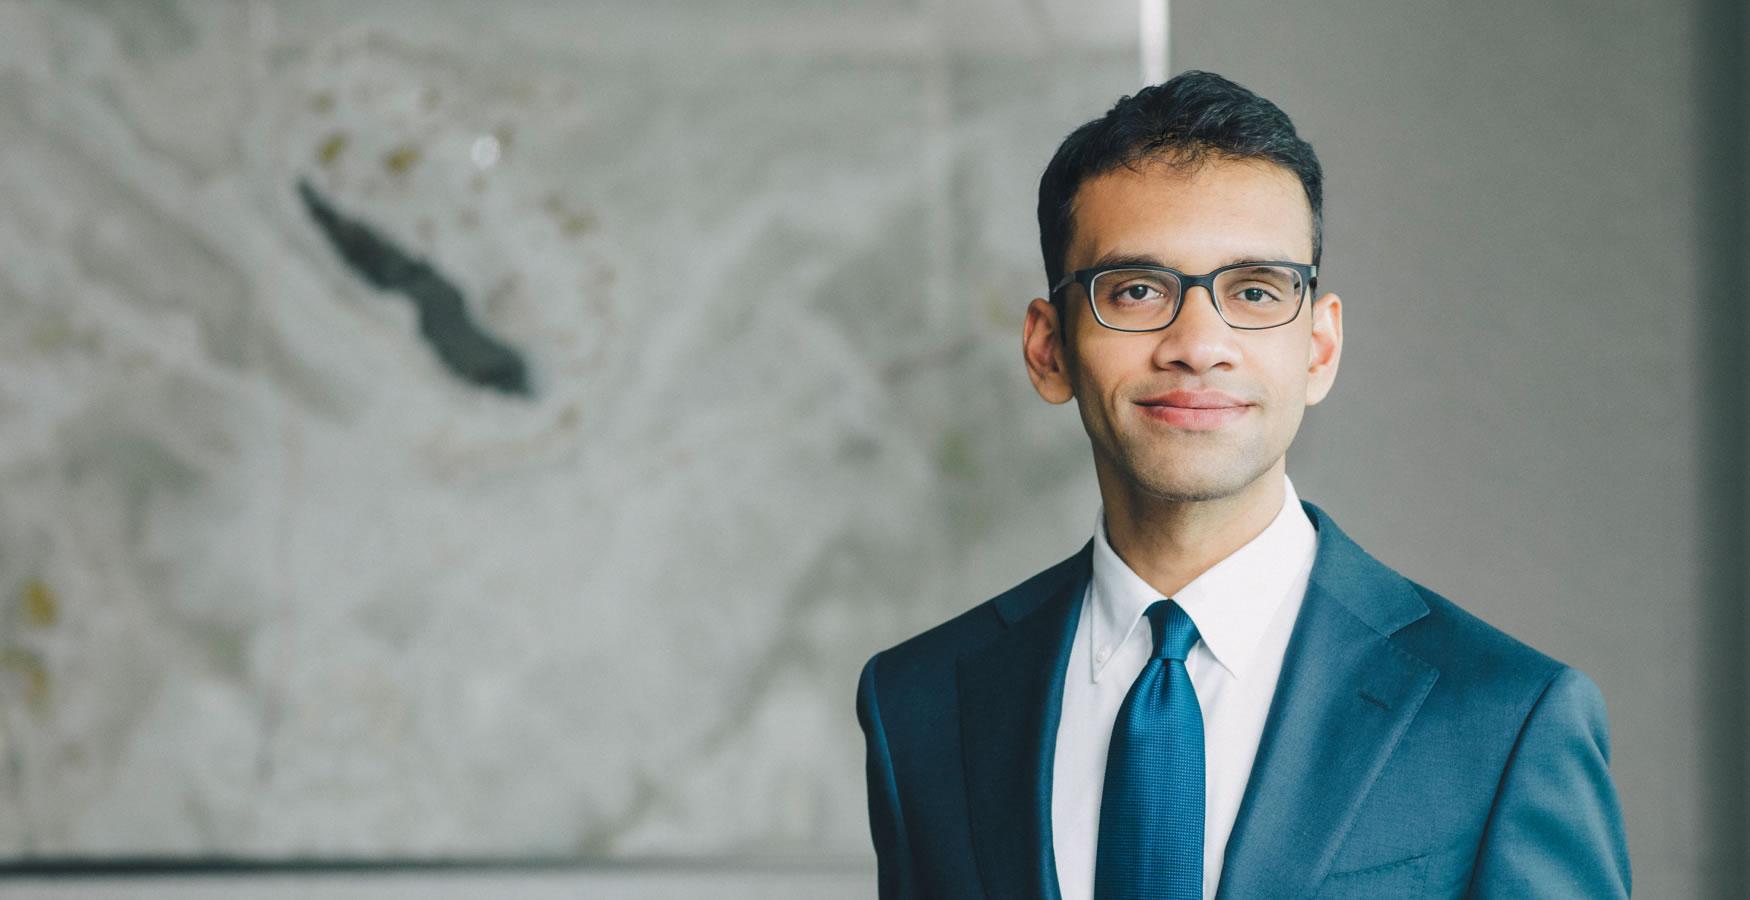 Gaurav Gopinath